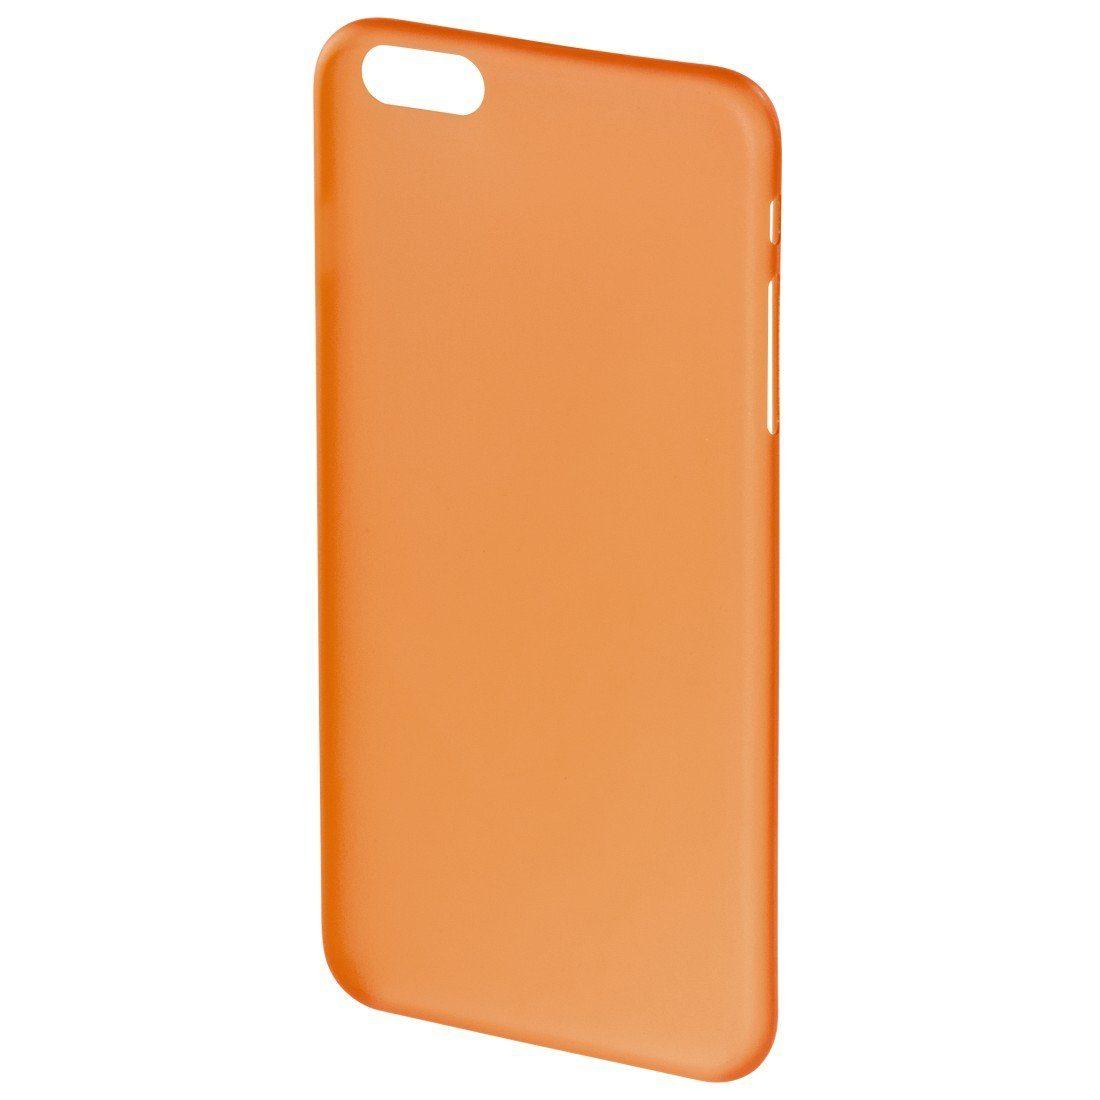 Hama Cover Ultra Slim für Apple iPhone 6 Plus/6s Plus, Orange